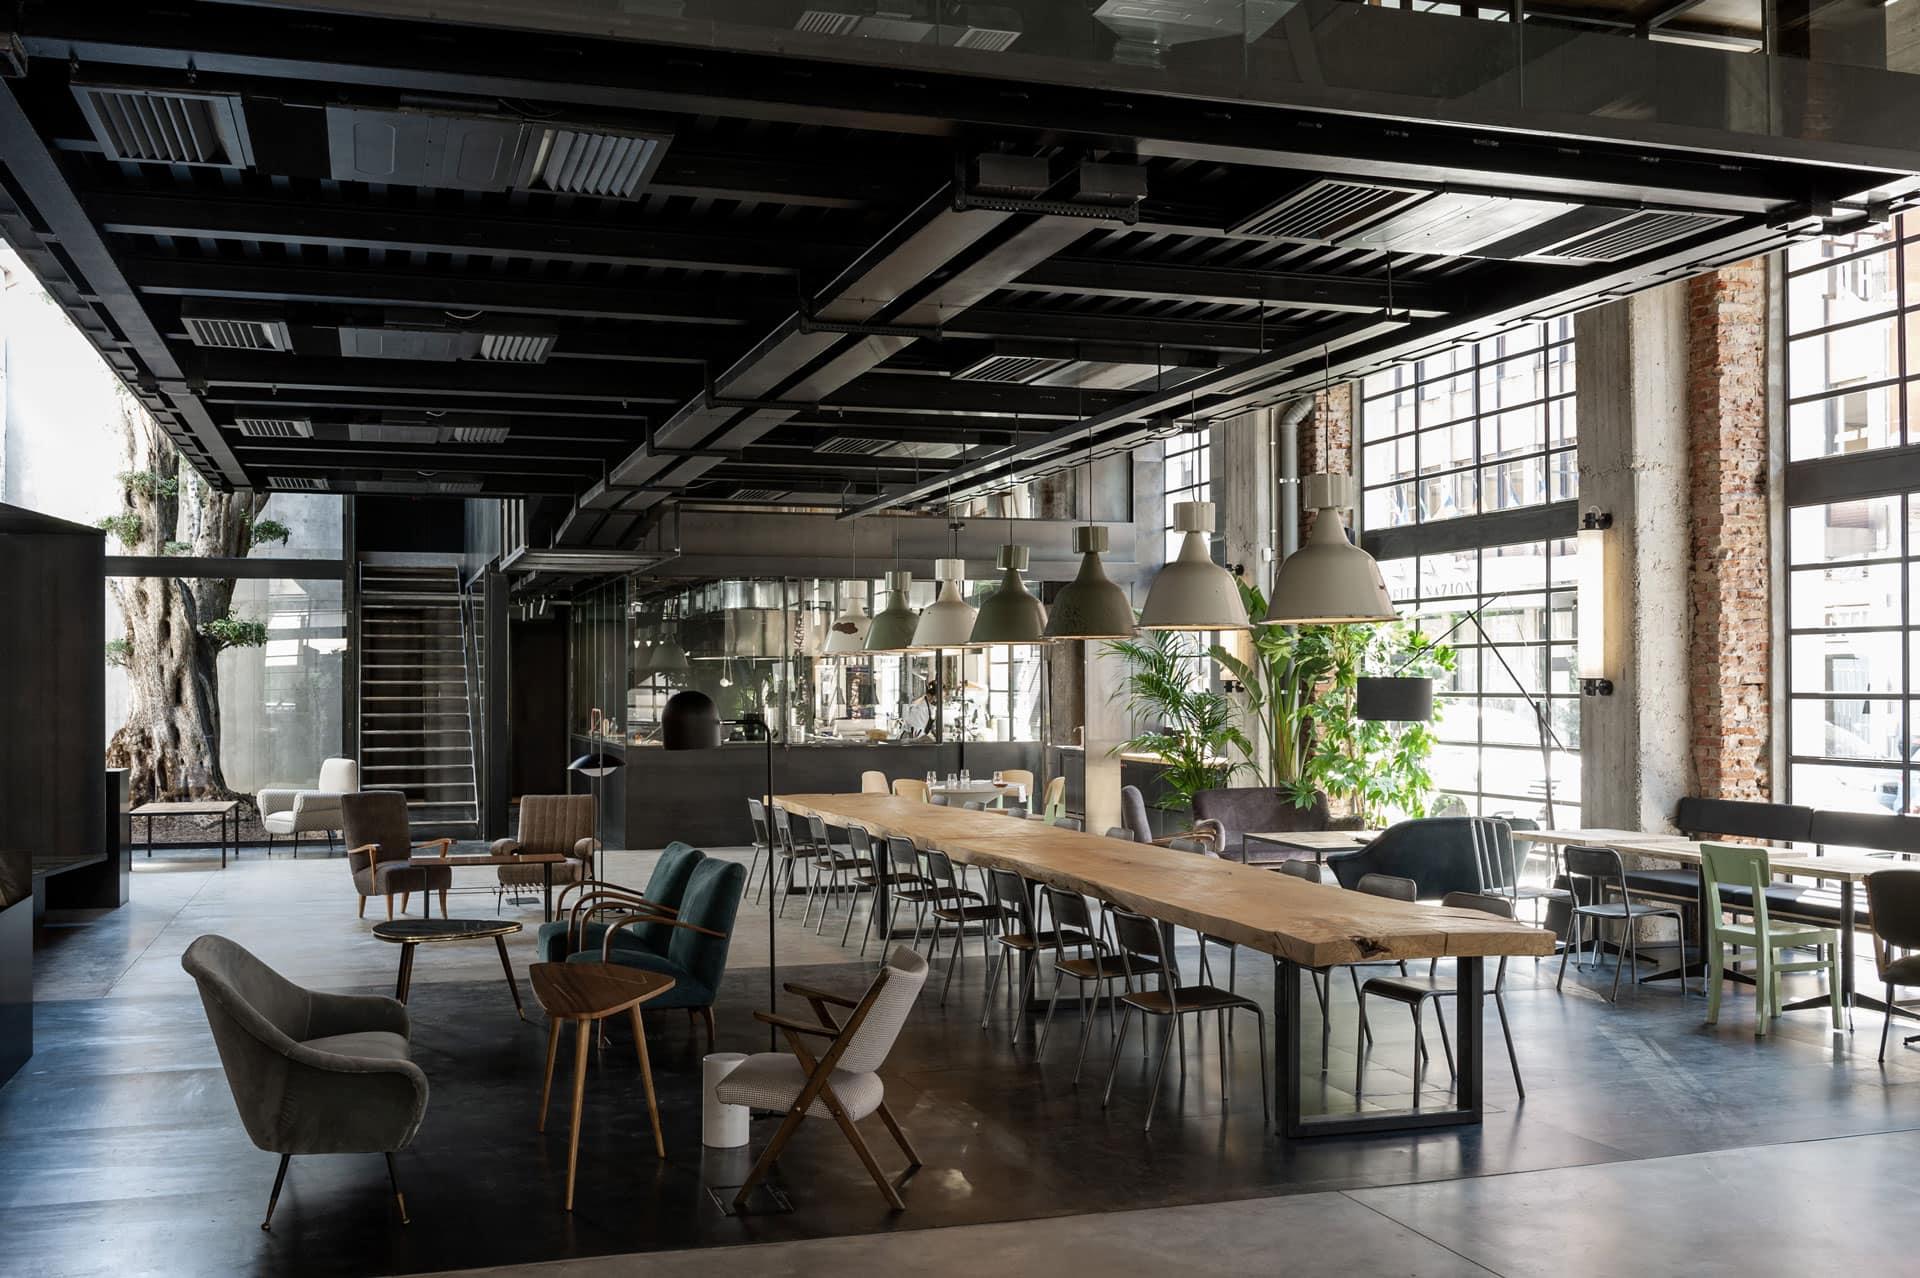 Spazio d'intrattenimento gastronomico e culturale nel cuore di Milano. Moebius è Tapa Bistrot, Osteria Gastronomica e Cocktail Bar.